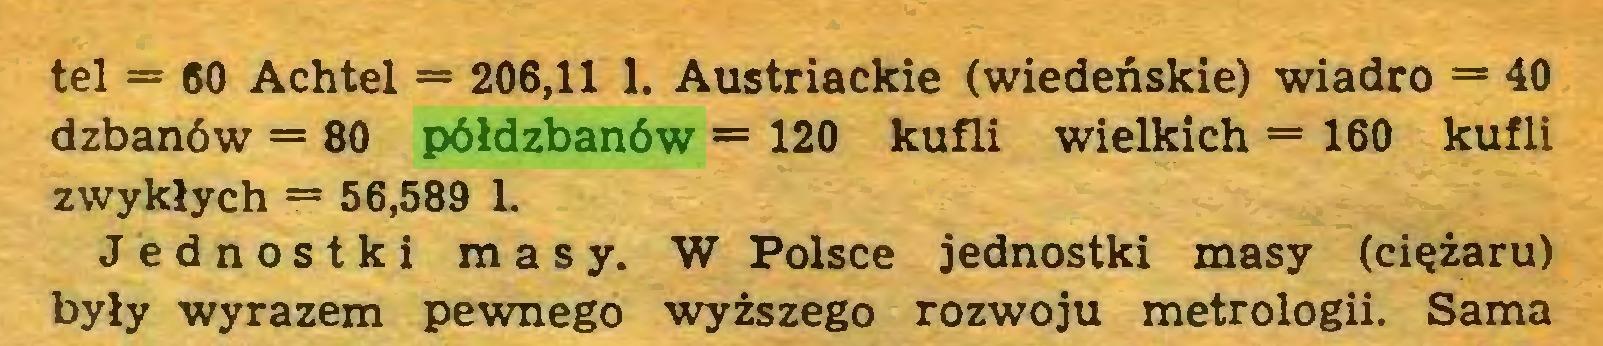 (...) tel = 60 Achtel = 206,11 1. Austriackie (wiedeńskie) wiadro = 40 dzbanów = 80 półdzbanów = 120 kufli wielkich = 160 kufli zwykłych = 56,589 L Jednostki masy. W Polsce jednostki masy (ciężaru) były wyrazem pewnego wyższego rozwoju metrologii. Sama...